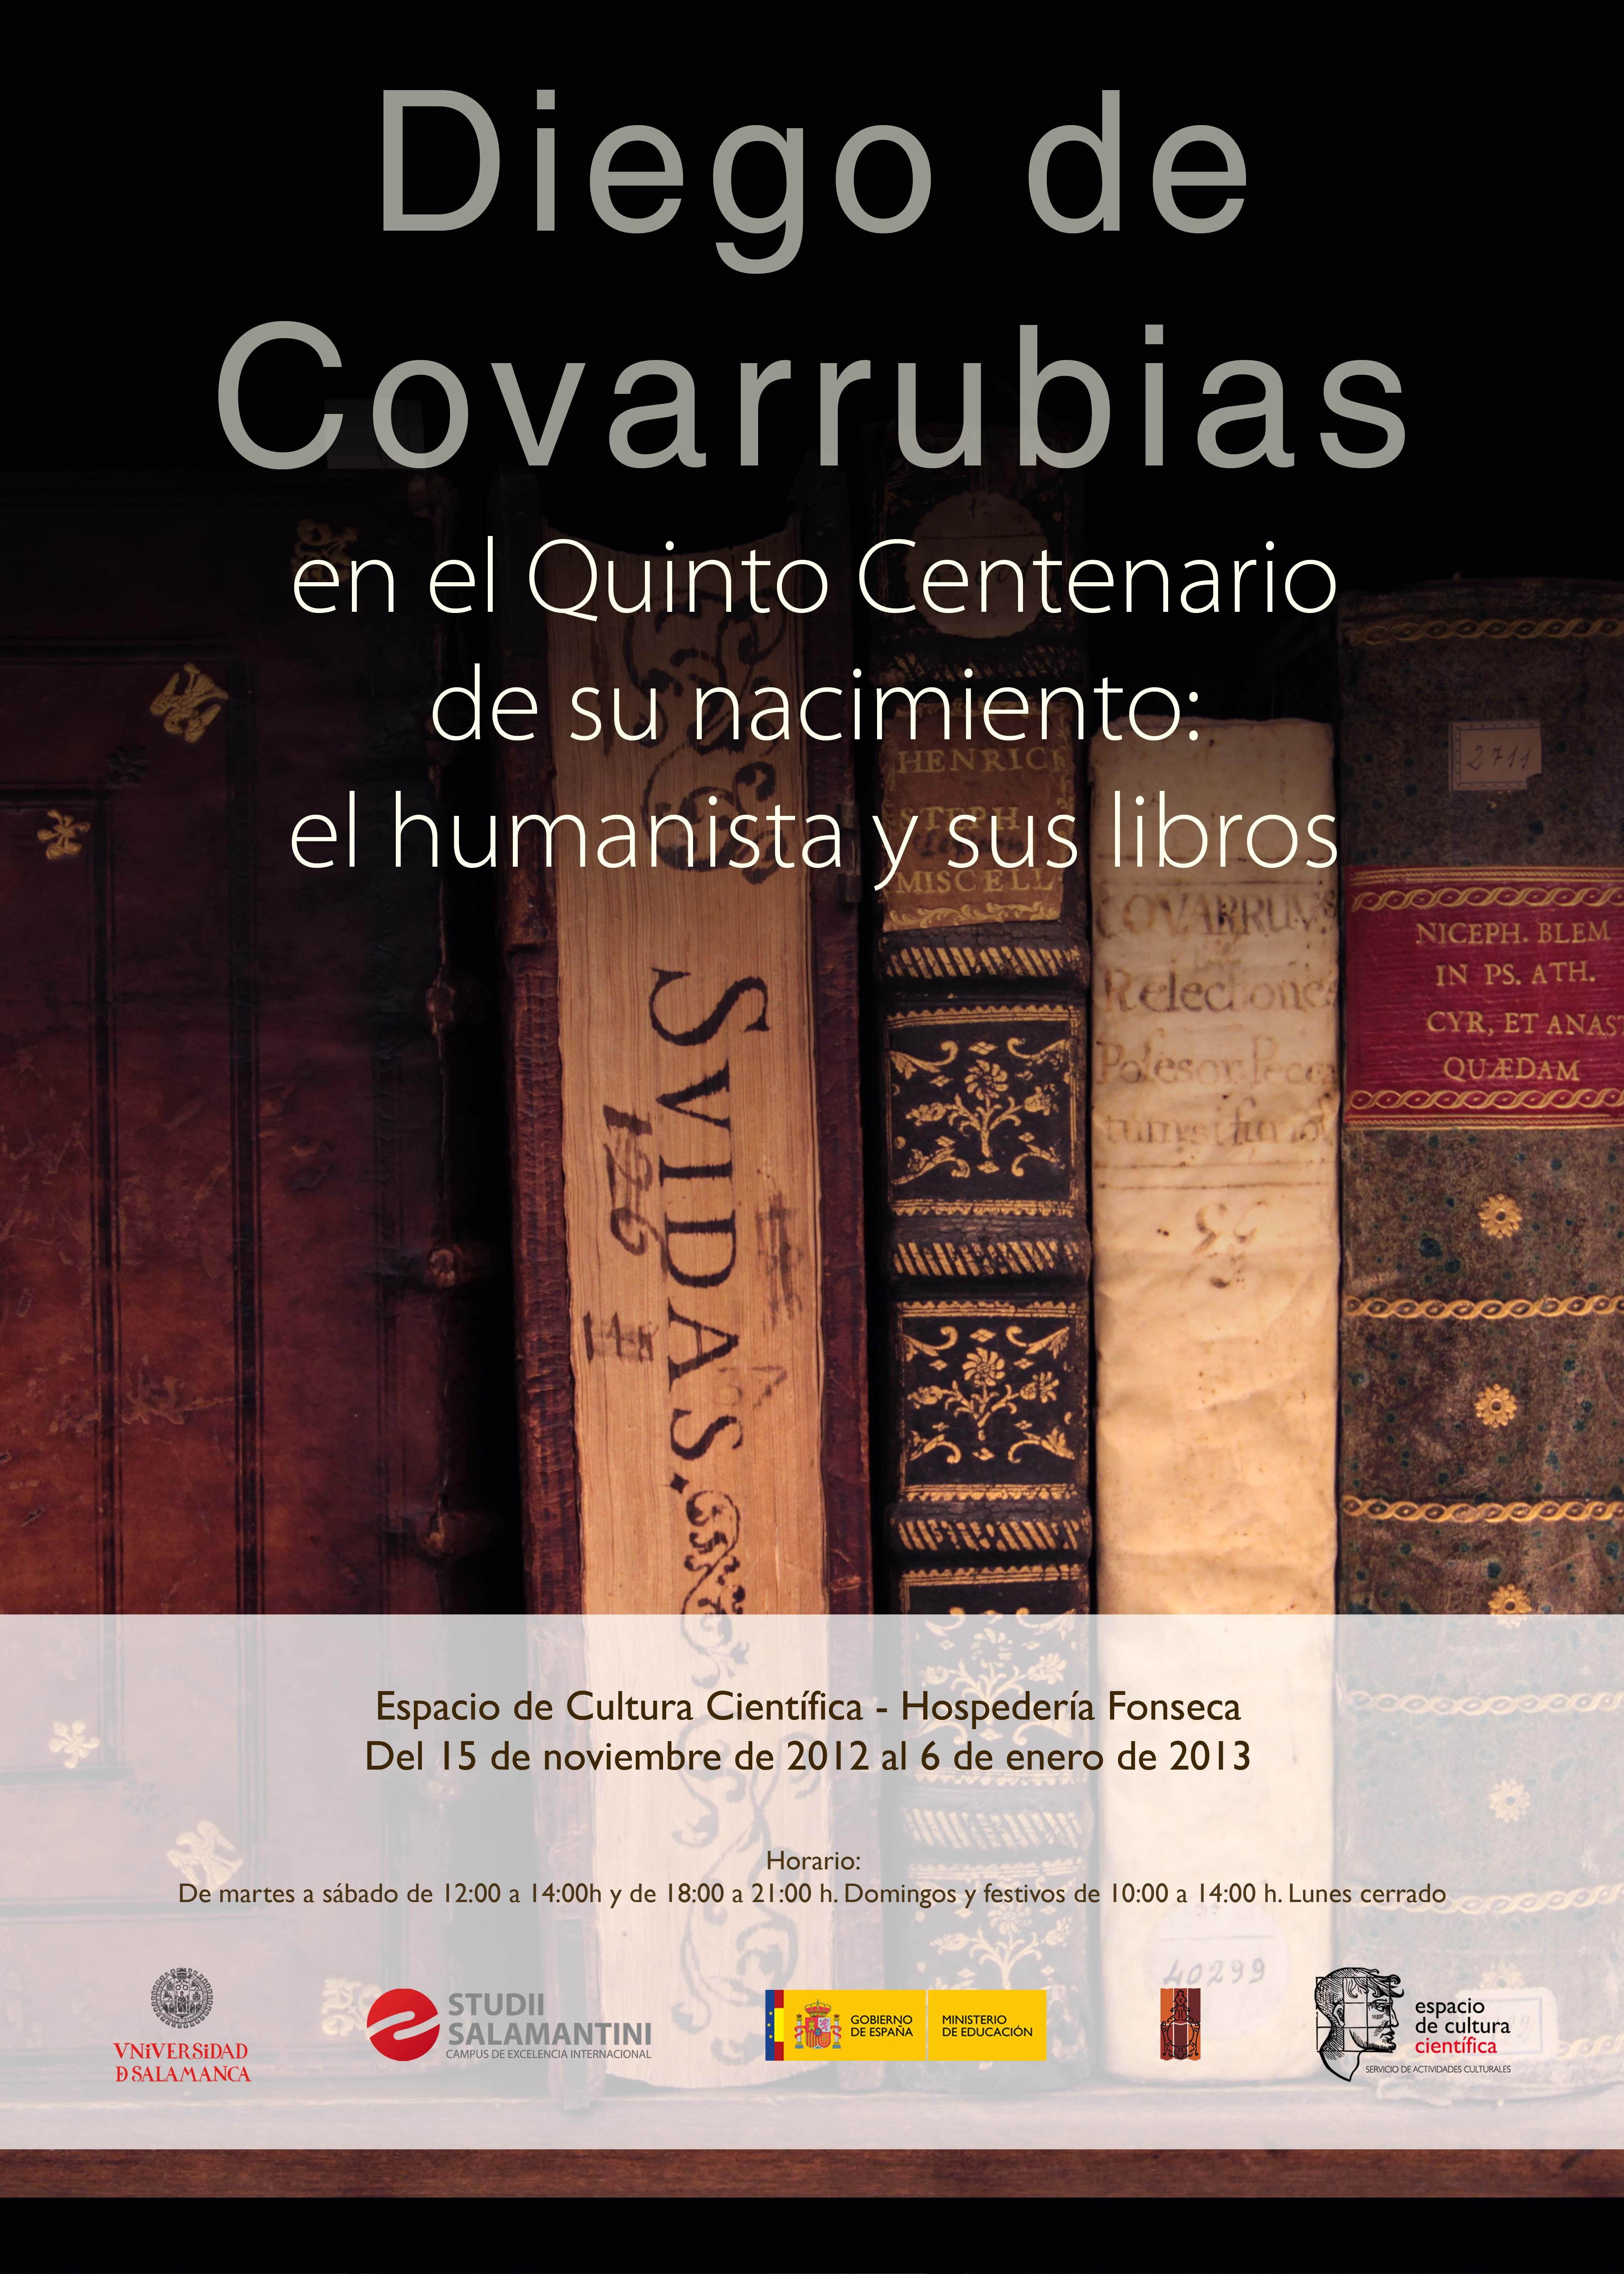 500 años de Diego de Covarrubias